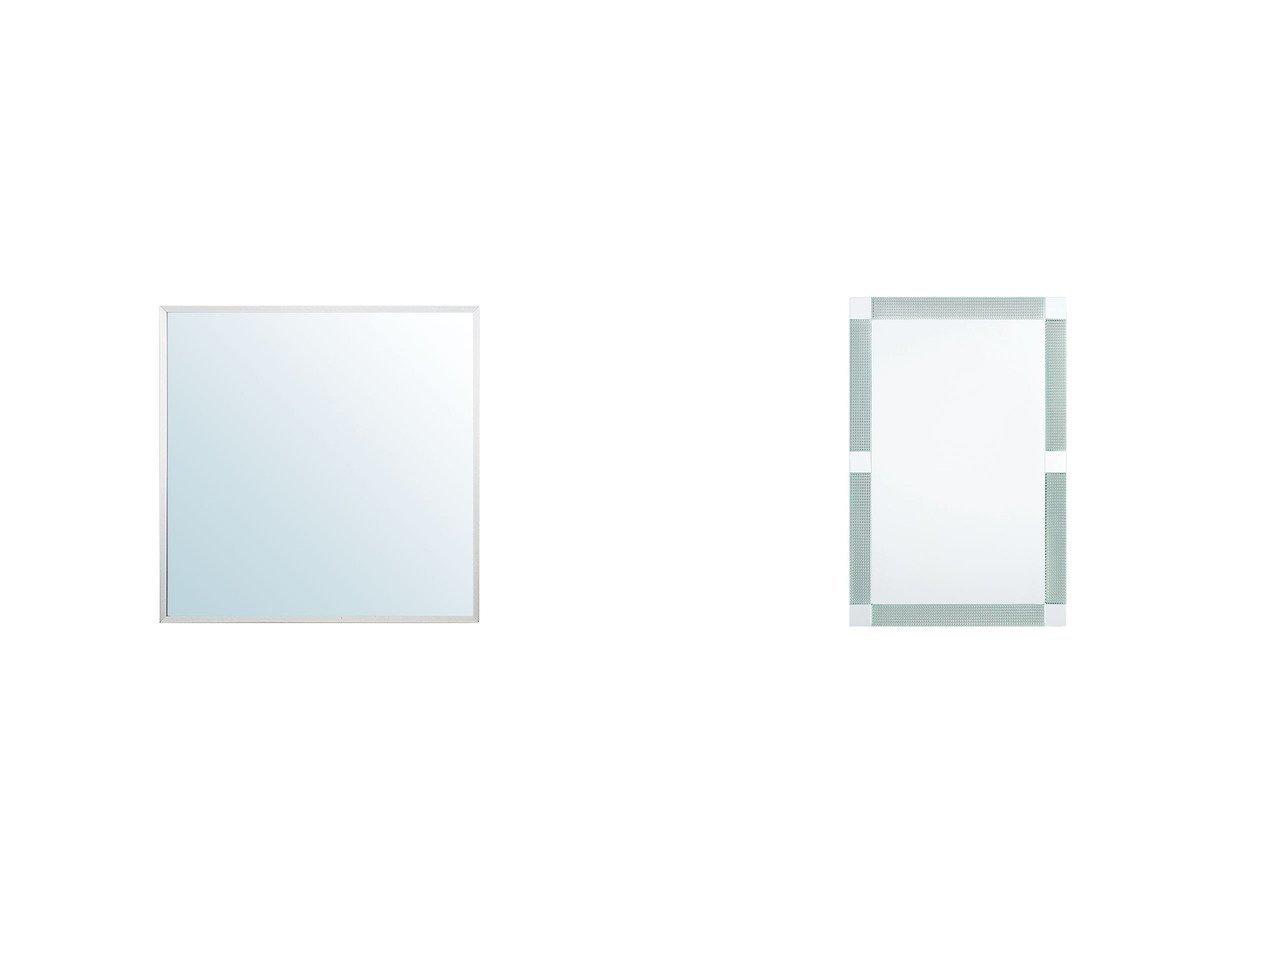 【FLYMEe Noir/フライミー ノワール】のウォールミラー m77287&ウォールミラー m77134 【FURNITURE】おすすめ!人気、インテリア雑貨・家具の通販 おすすめで人気の流行・トレンド、ファッションの通販商品 インテリア・家具・メンズファッション・キッズファッション・レディースファッション・服の通販 founy(ファニー) https://founy.com/ 送料無料 Free Shipping ガラス シンプル フレーム ホーム・キャンプ・アウトドア Home,Garden,Outdoor,Camping Gear 家具・インテリア Furniture ミラー・ドレッサー Mirror ミラー・鏡 ホーム・キャンプ・アウトドア Home,Garden,Outdoor,Camping Gear 家具・インテリア Furniture ミラー・ドレッサー Mirror ドレッサー  ID:crp329100000055489